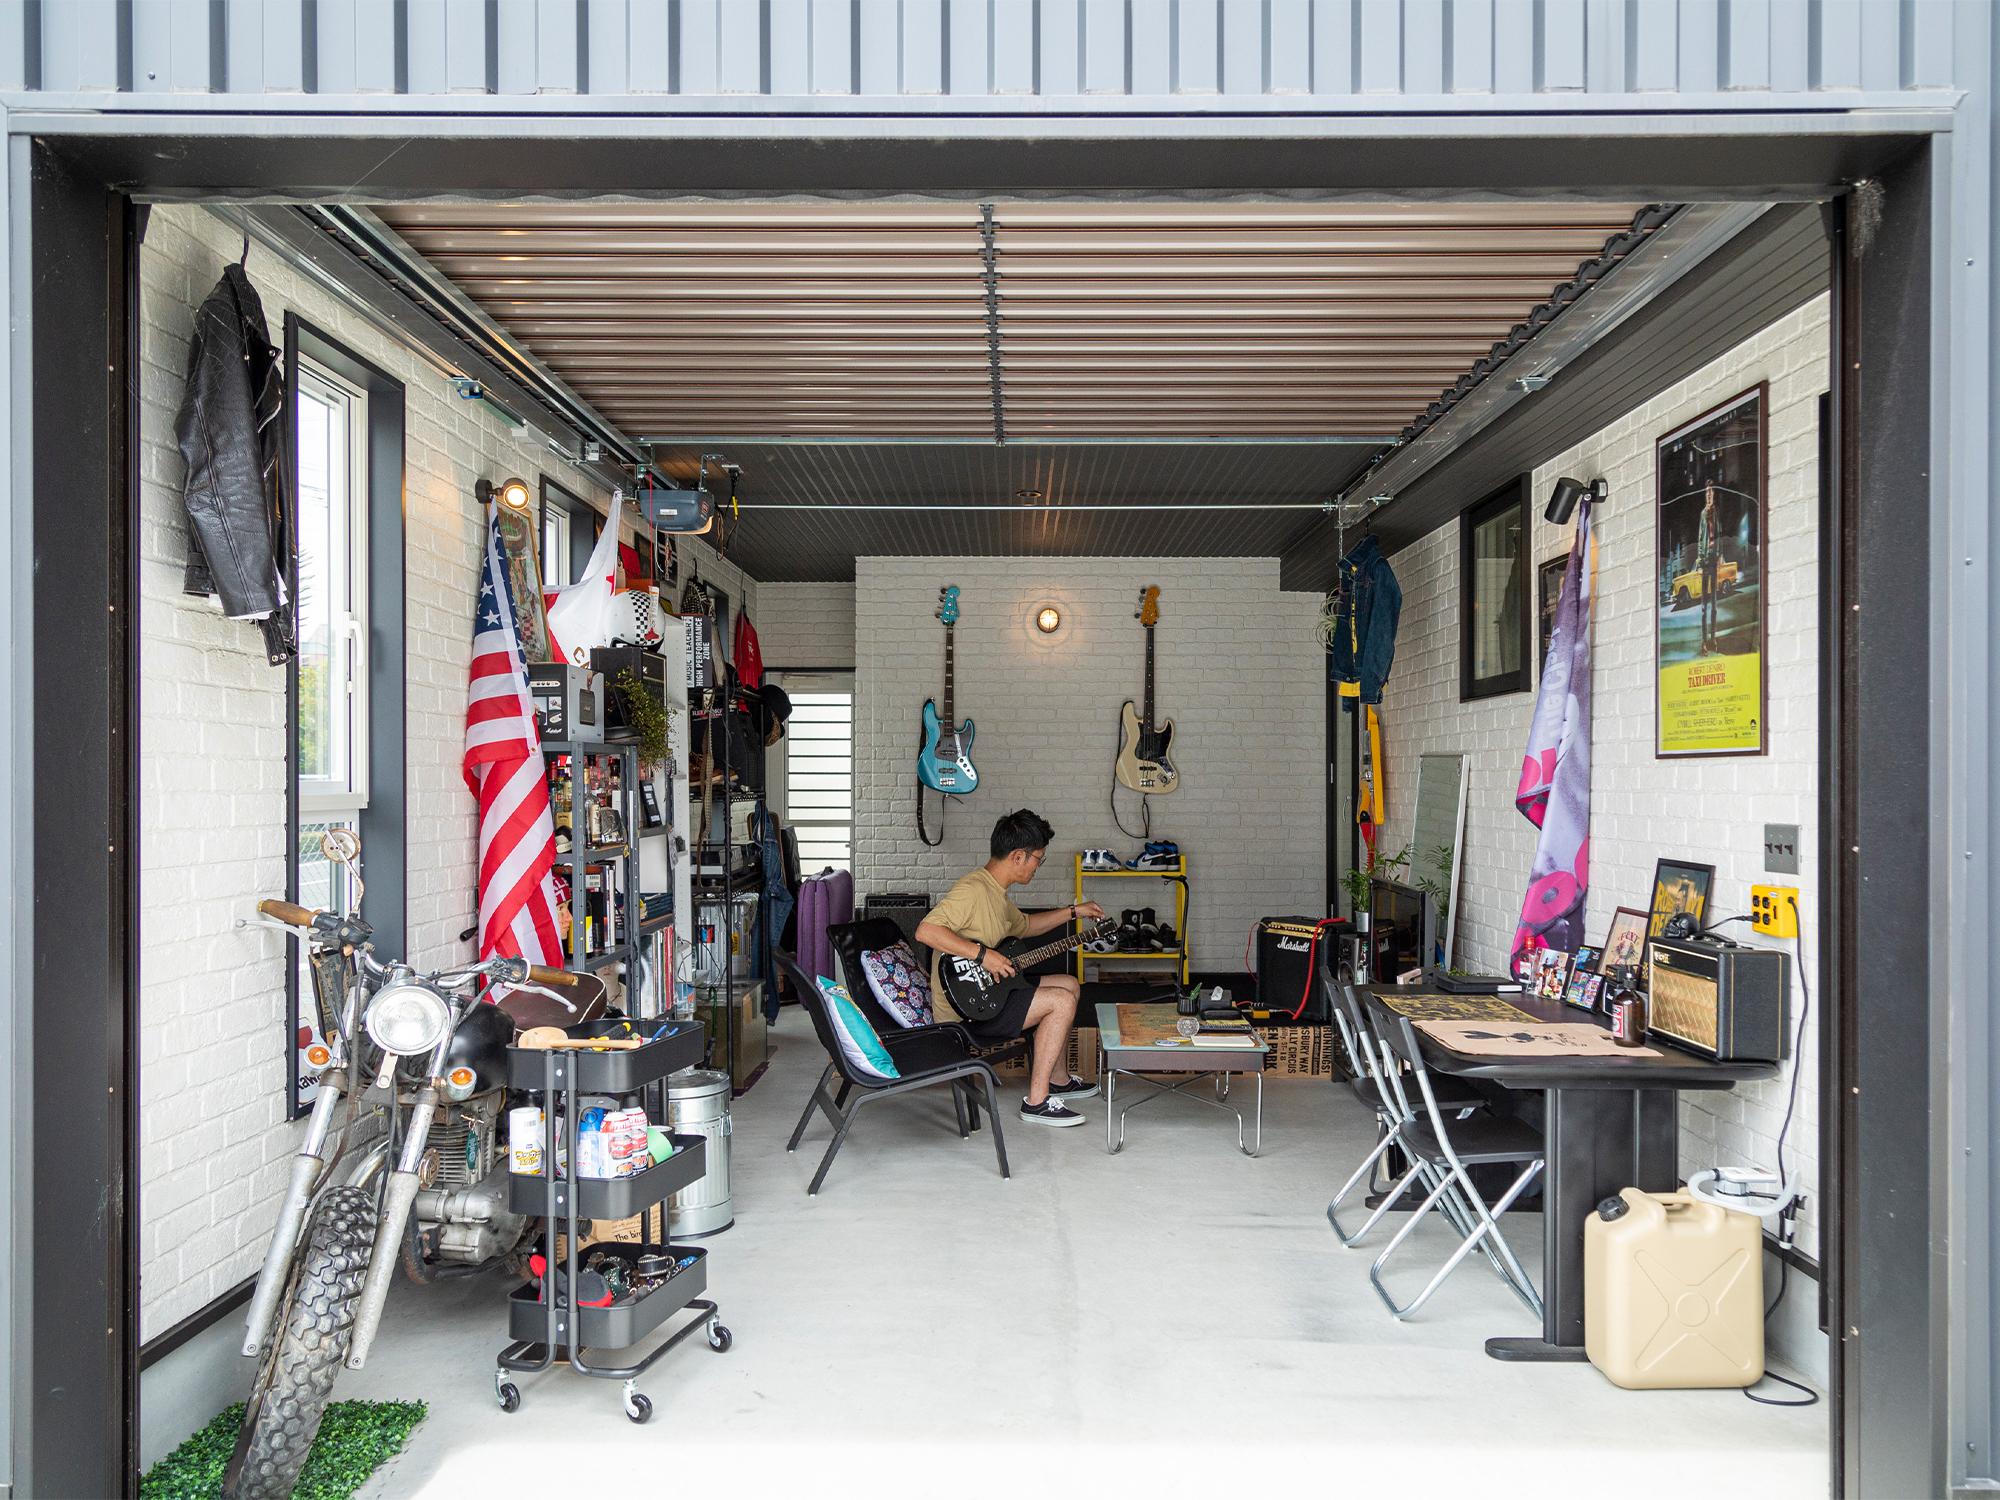 車は入れず、趣味部屋にしたガレージ。